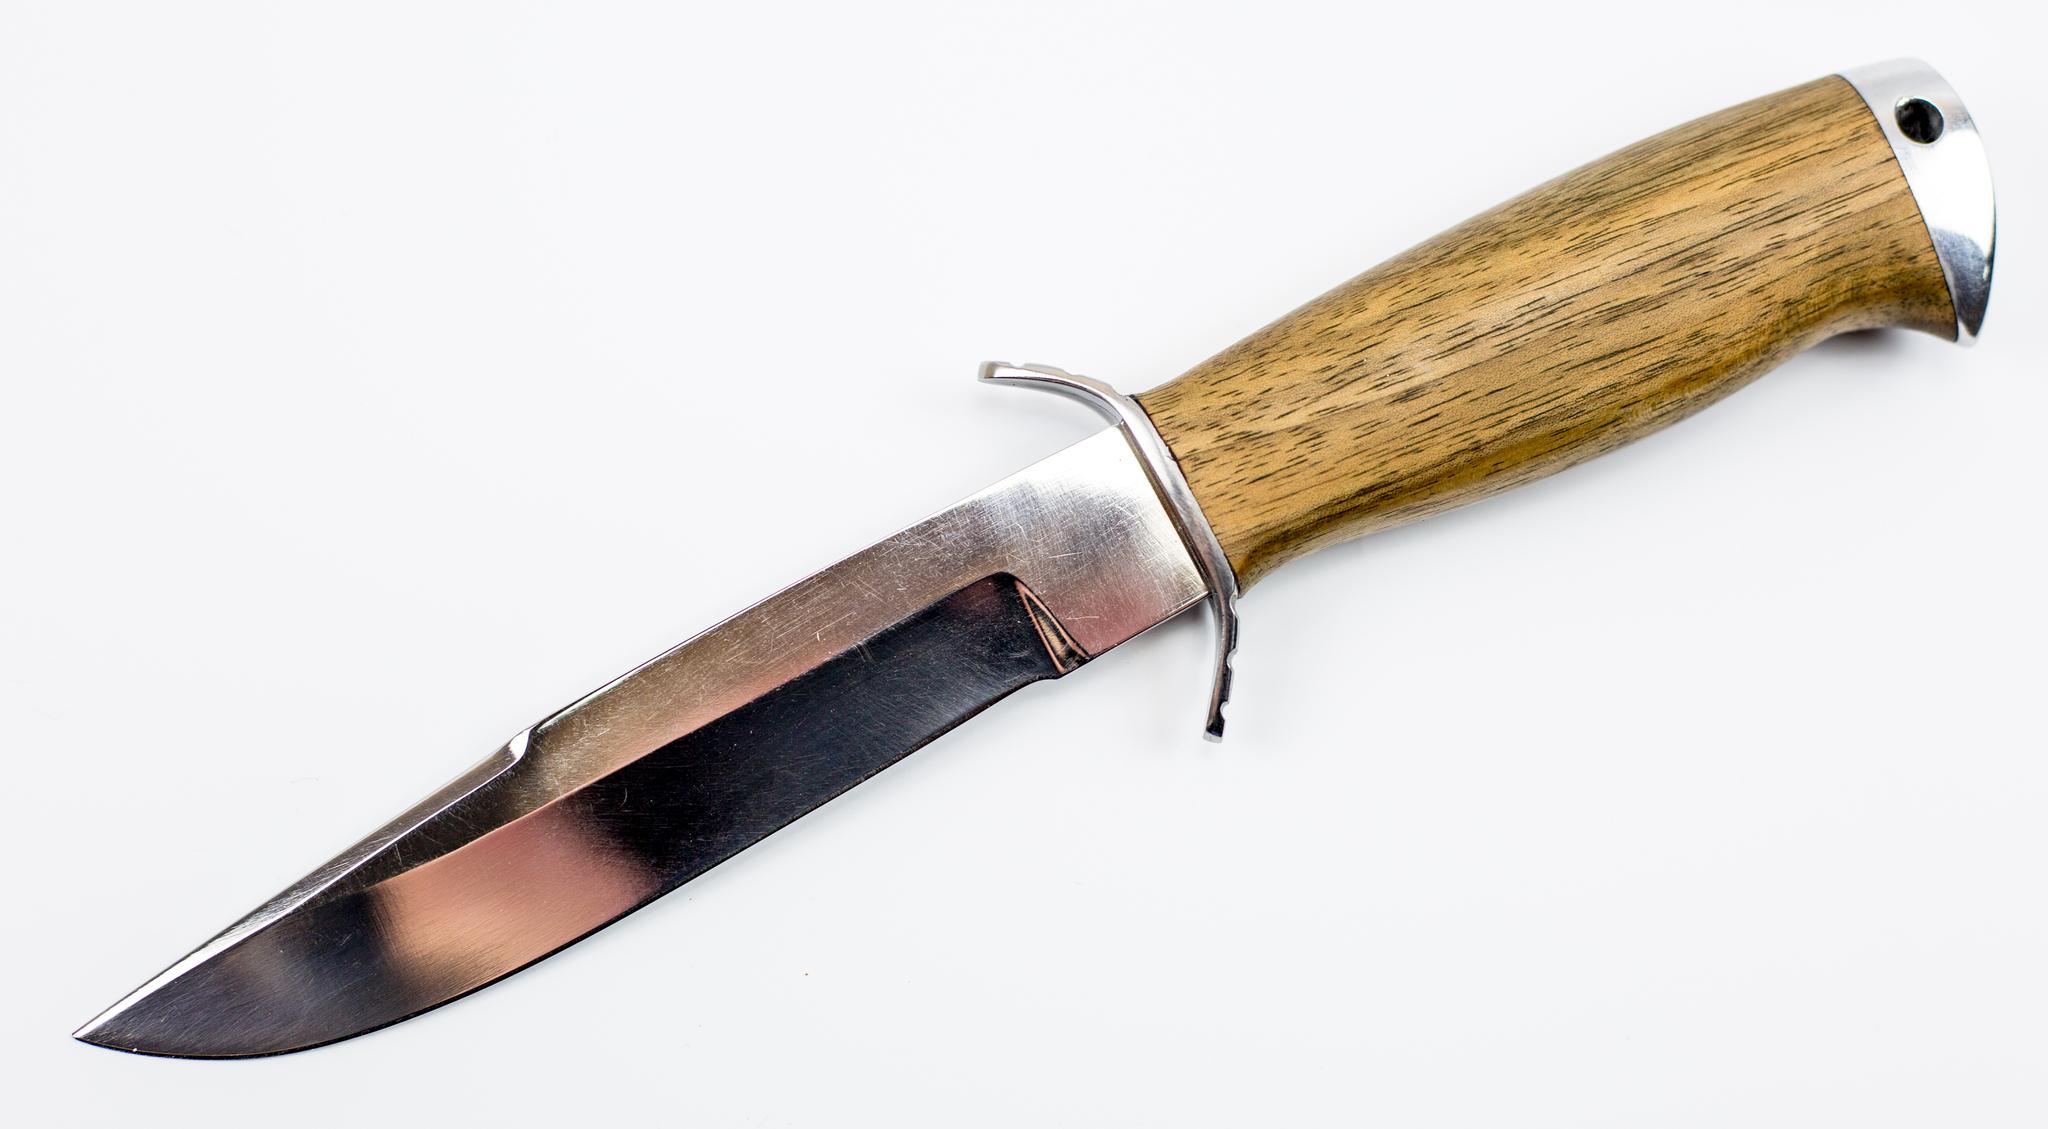 Нож Смерч-2, 65Х13Ножи разведчика НР, Финки НКВД<br>Сталь 65Х13Материал рукояти -орехОбщая длина 268 ммДлина клинка 148 ммДлина рукояти 120 ммНаибольшая ширина клинка 25 ммТолщина обуха 2,4 ммТвердость клинка, HRC56<br>